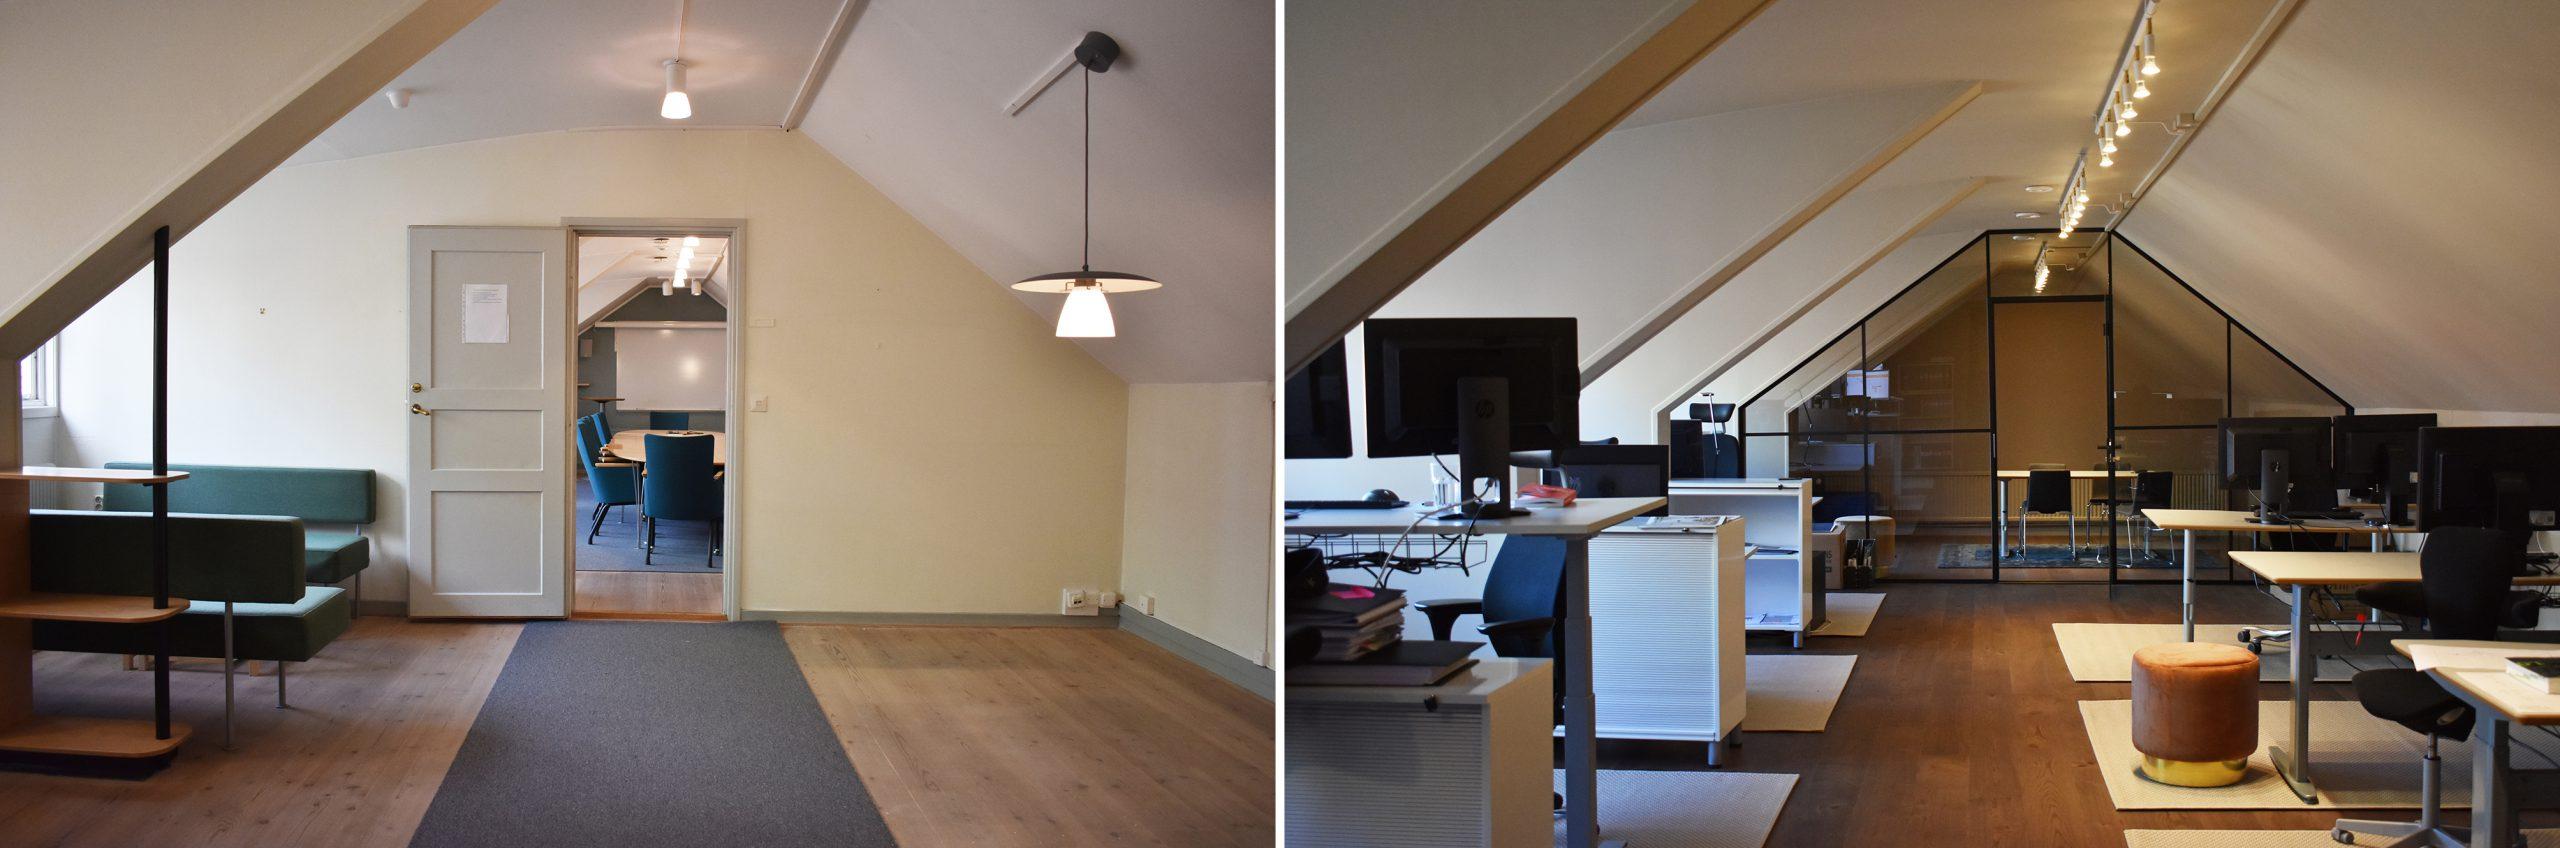 Före- och efterbild. Ett konferensrum med tillhörande rum har gjorts om till en kontorsdel.